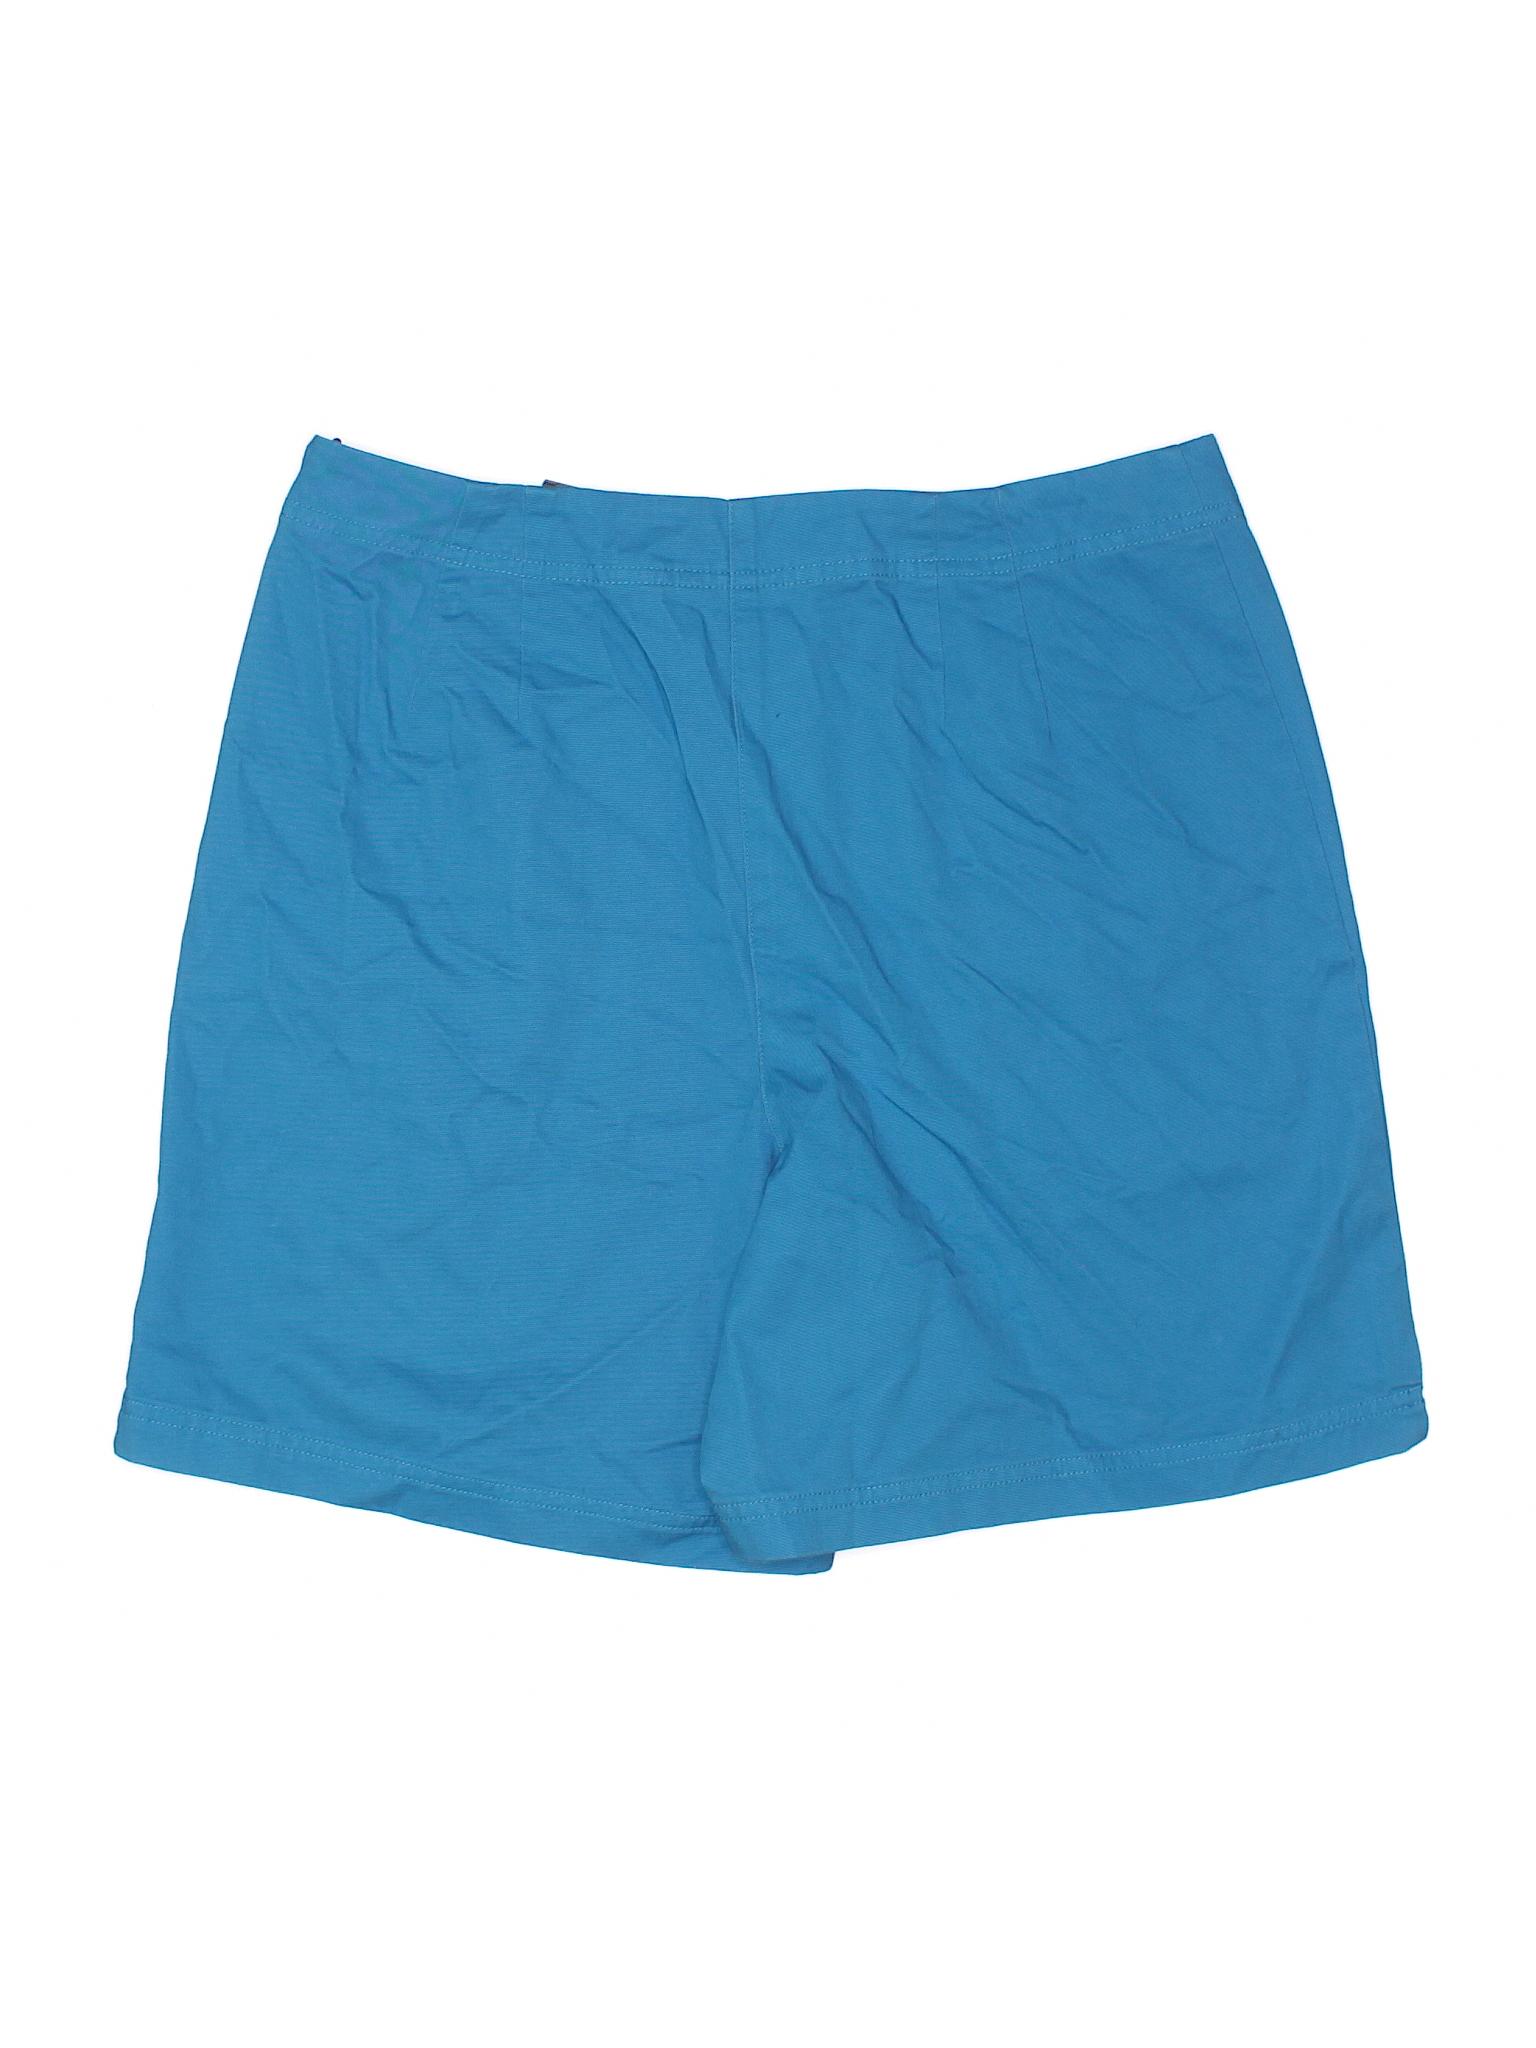 IZOD Boutique Khaki Khaki Shorts Shorts IZOD Boutique Tvznq